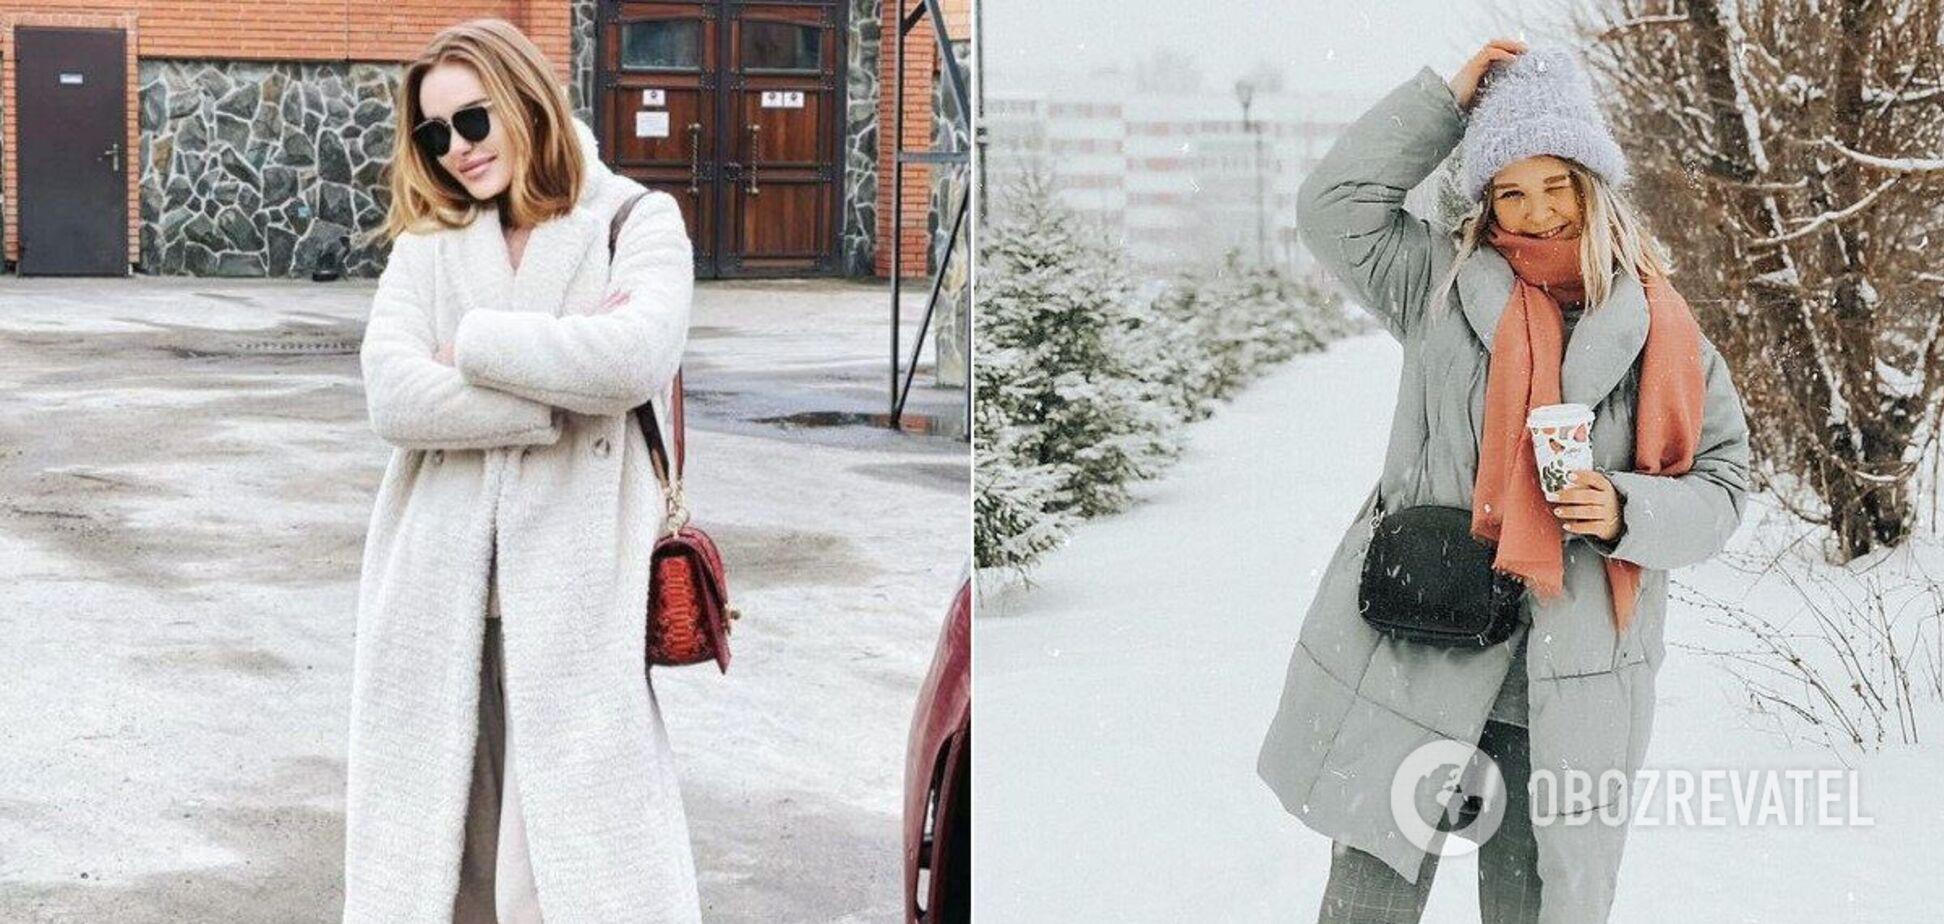 Чим доповнити зимовий образ: Андре Тан назвав фінальний аксесуар